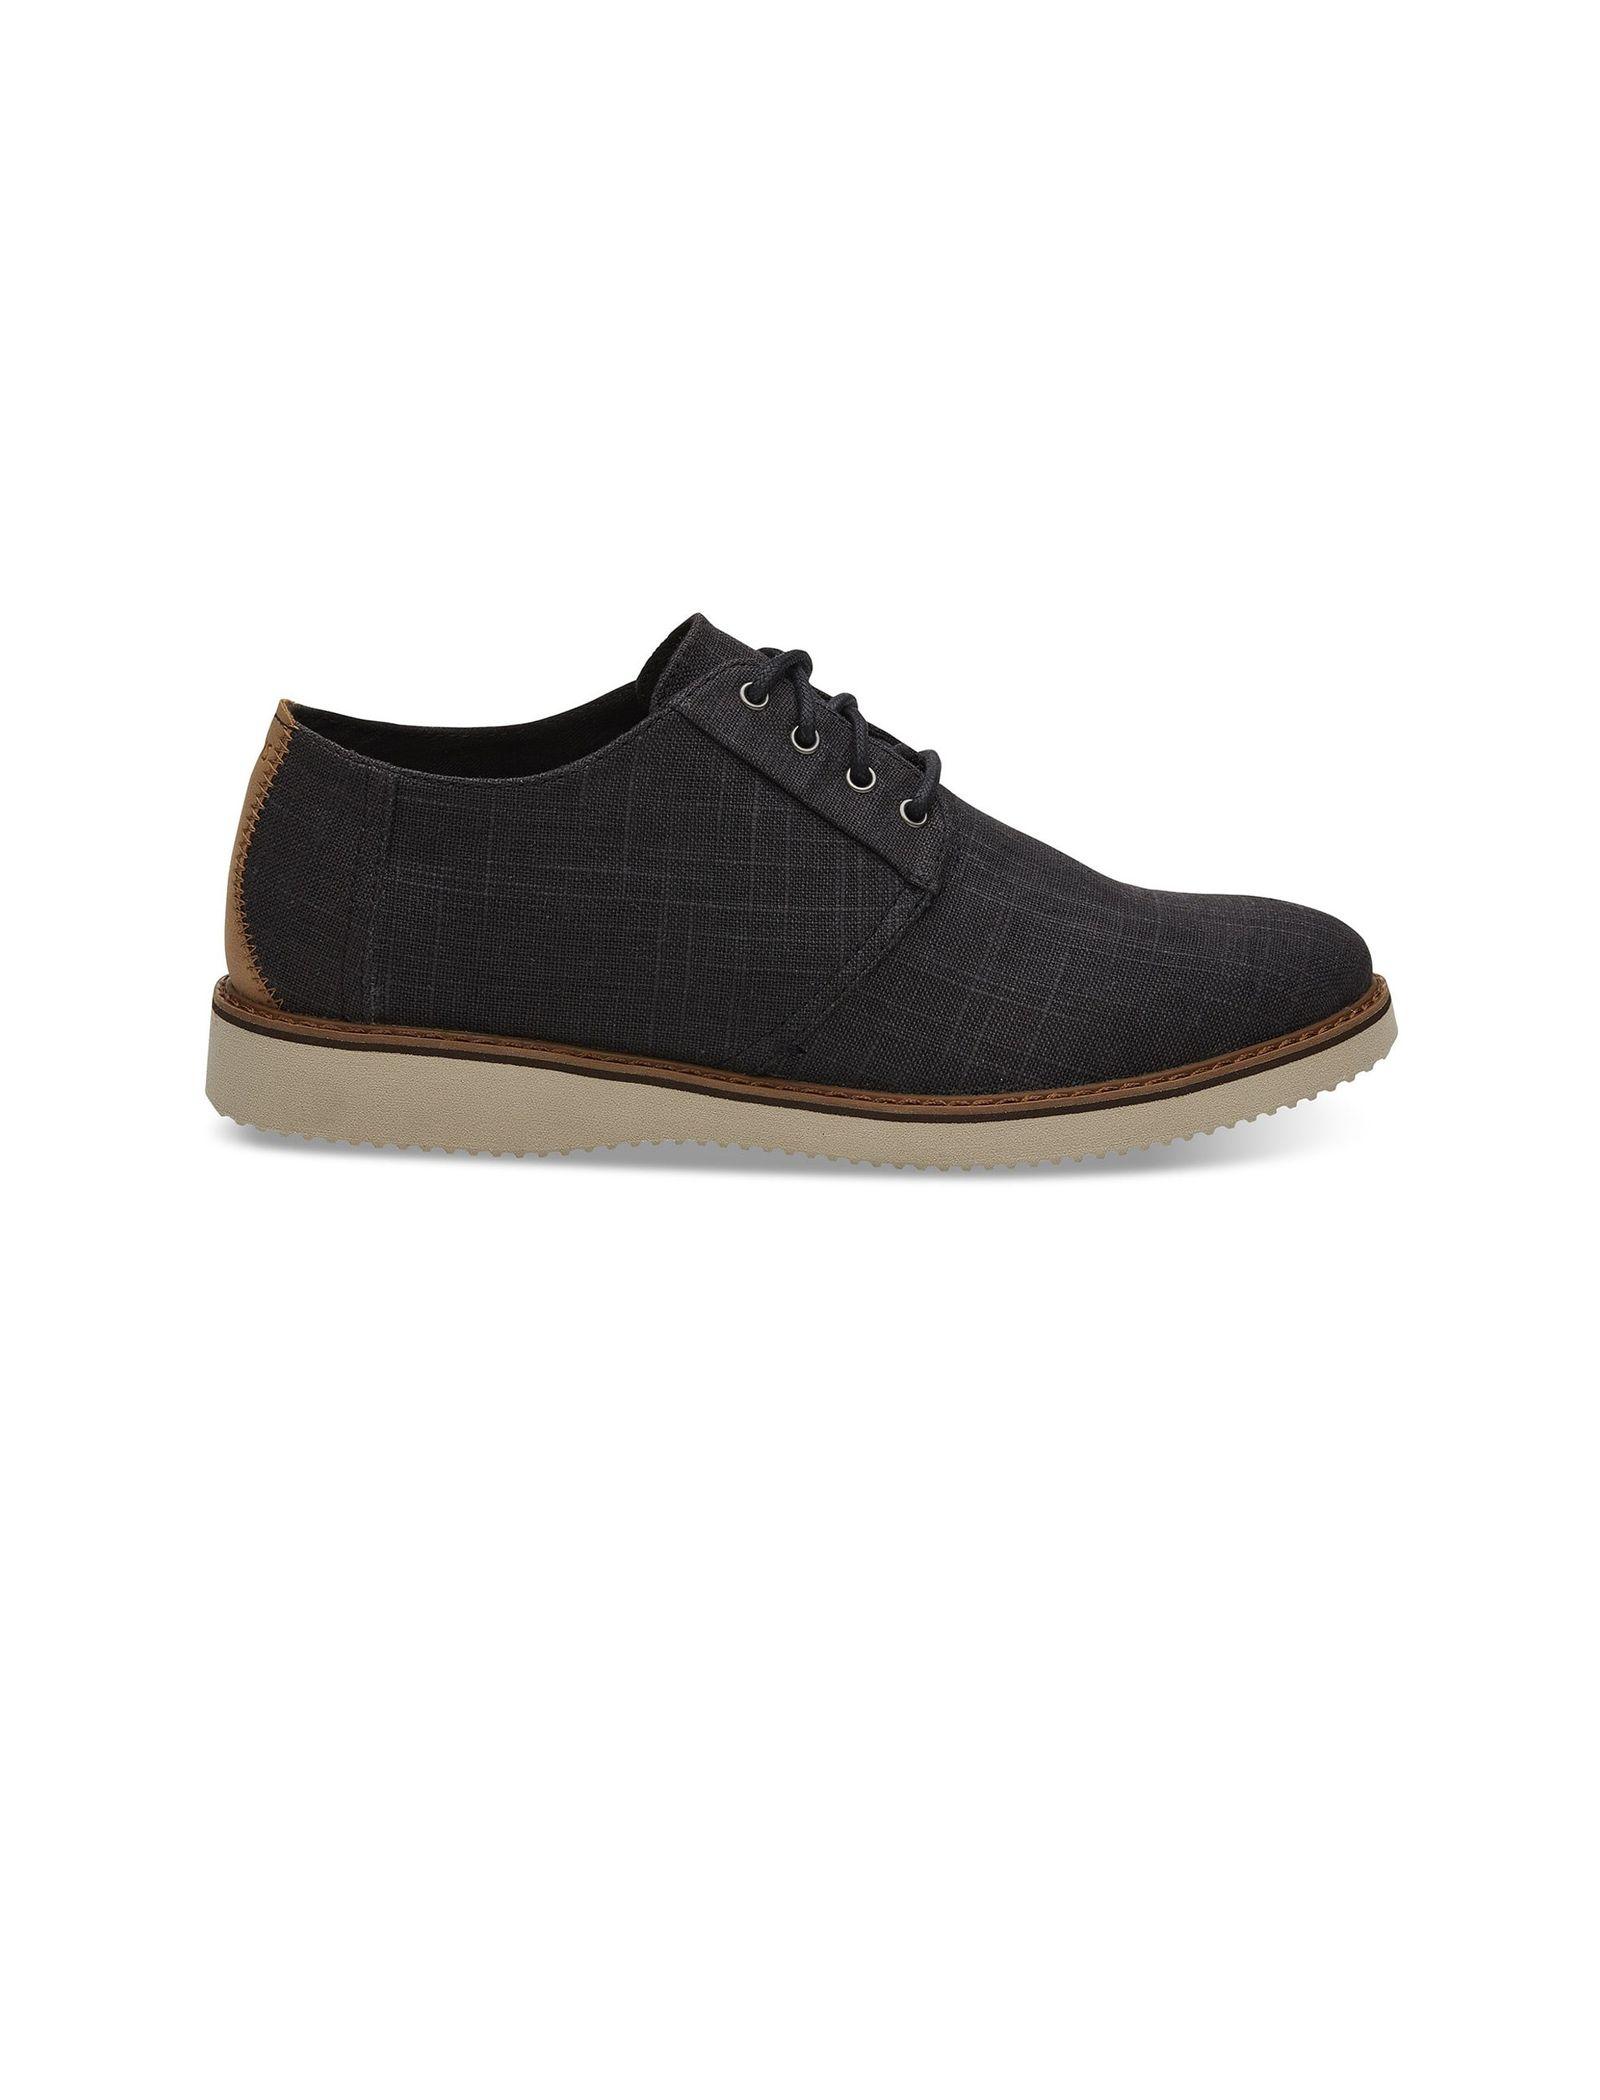 کفش اداری پارچه ای مردانه Preston Dress - تامز - مشکي - 1